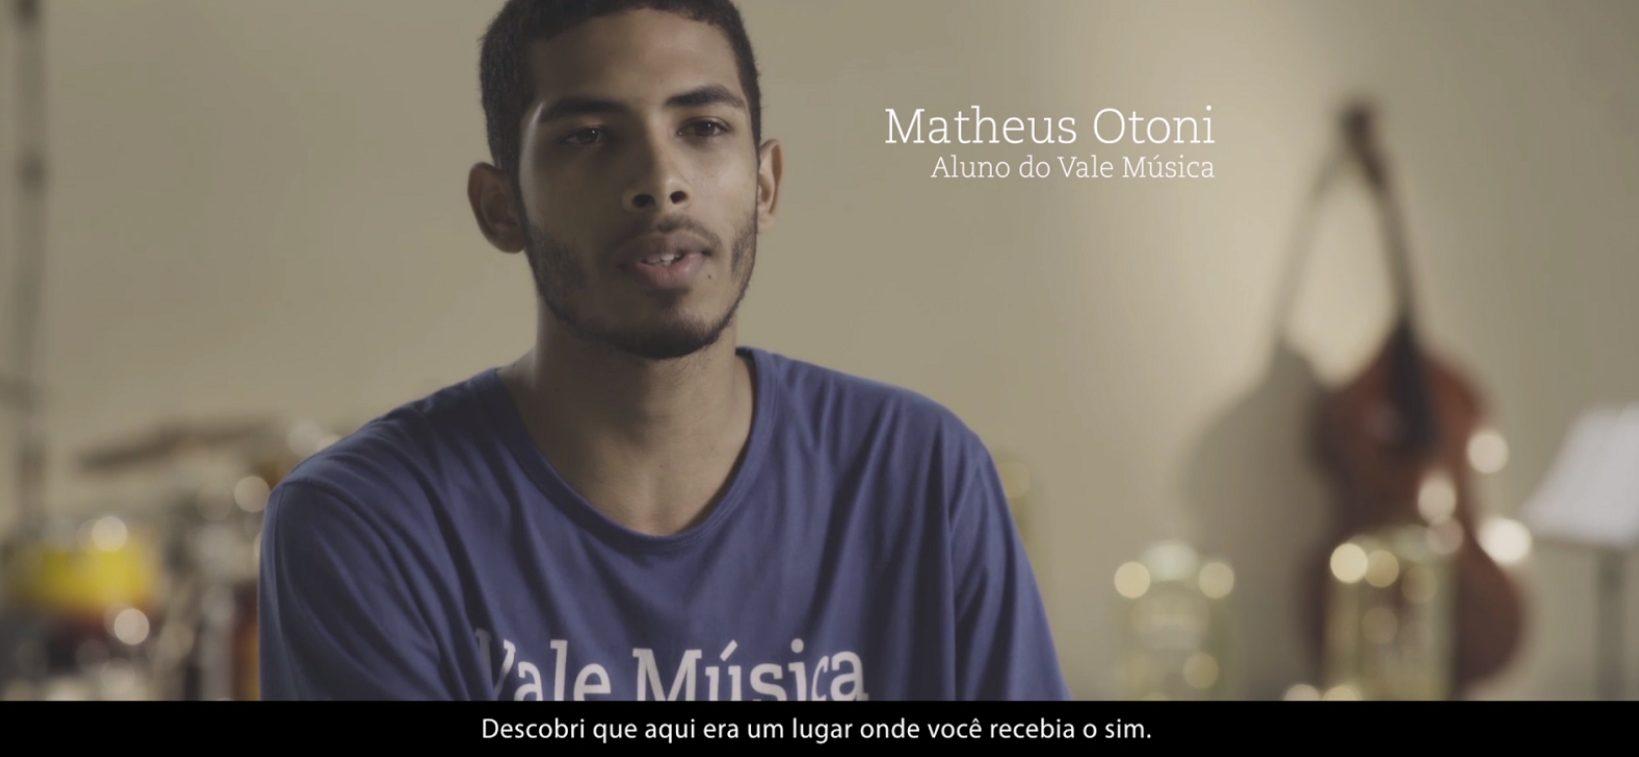 Jovem brasileiro tem vida transformada por programa social que ensina música para crianças e adolescentes carentes 1